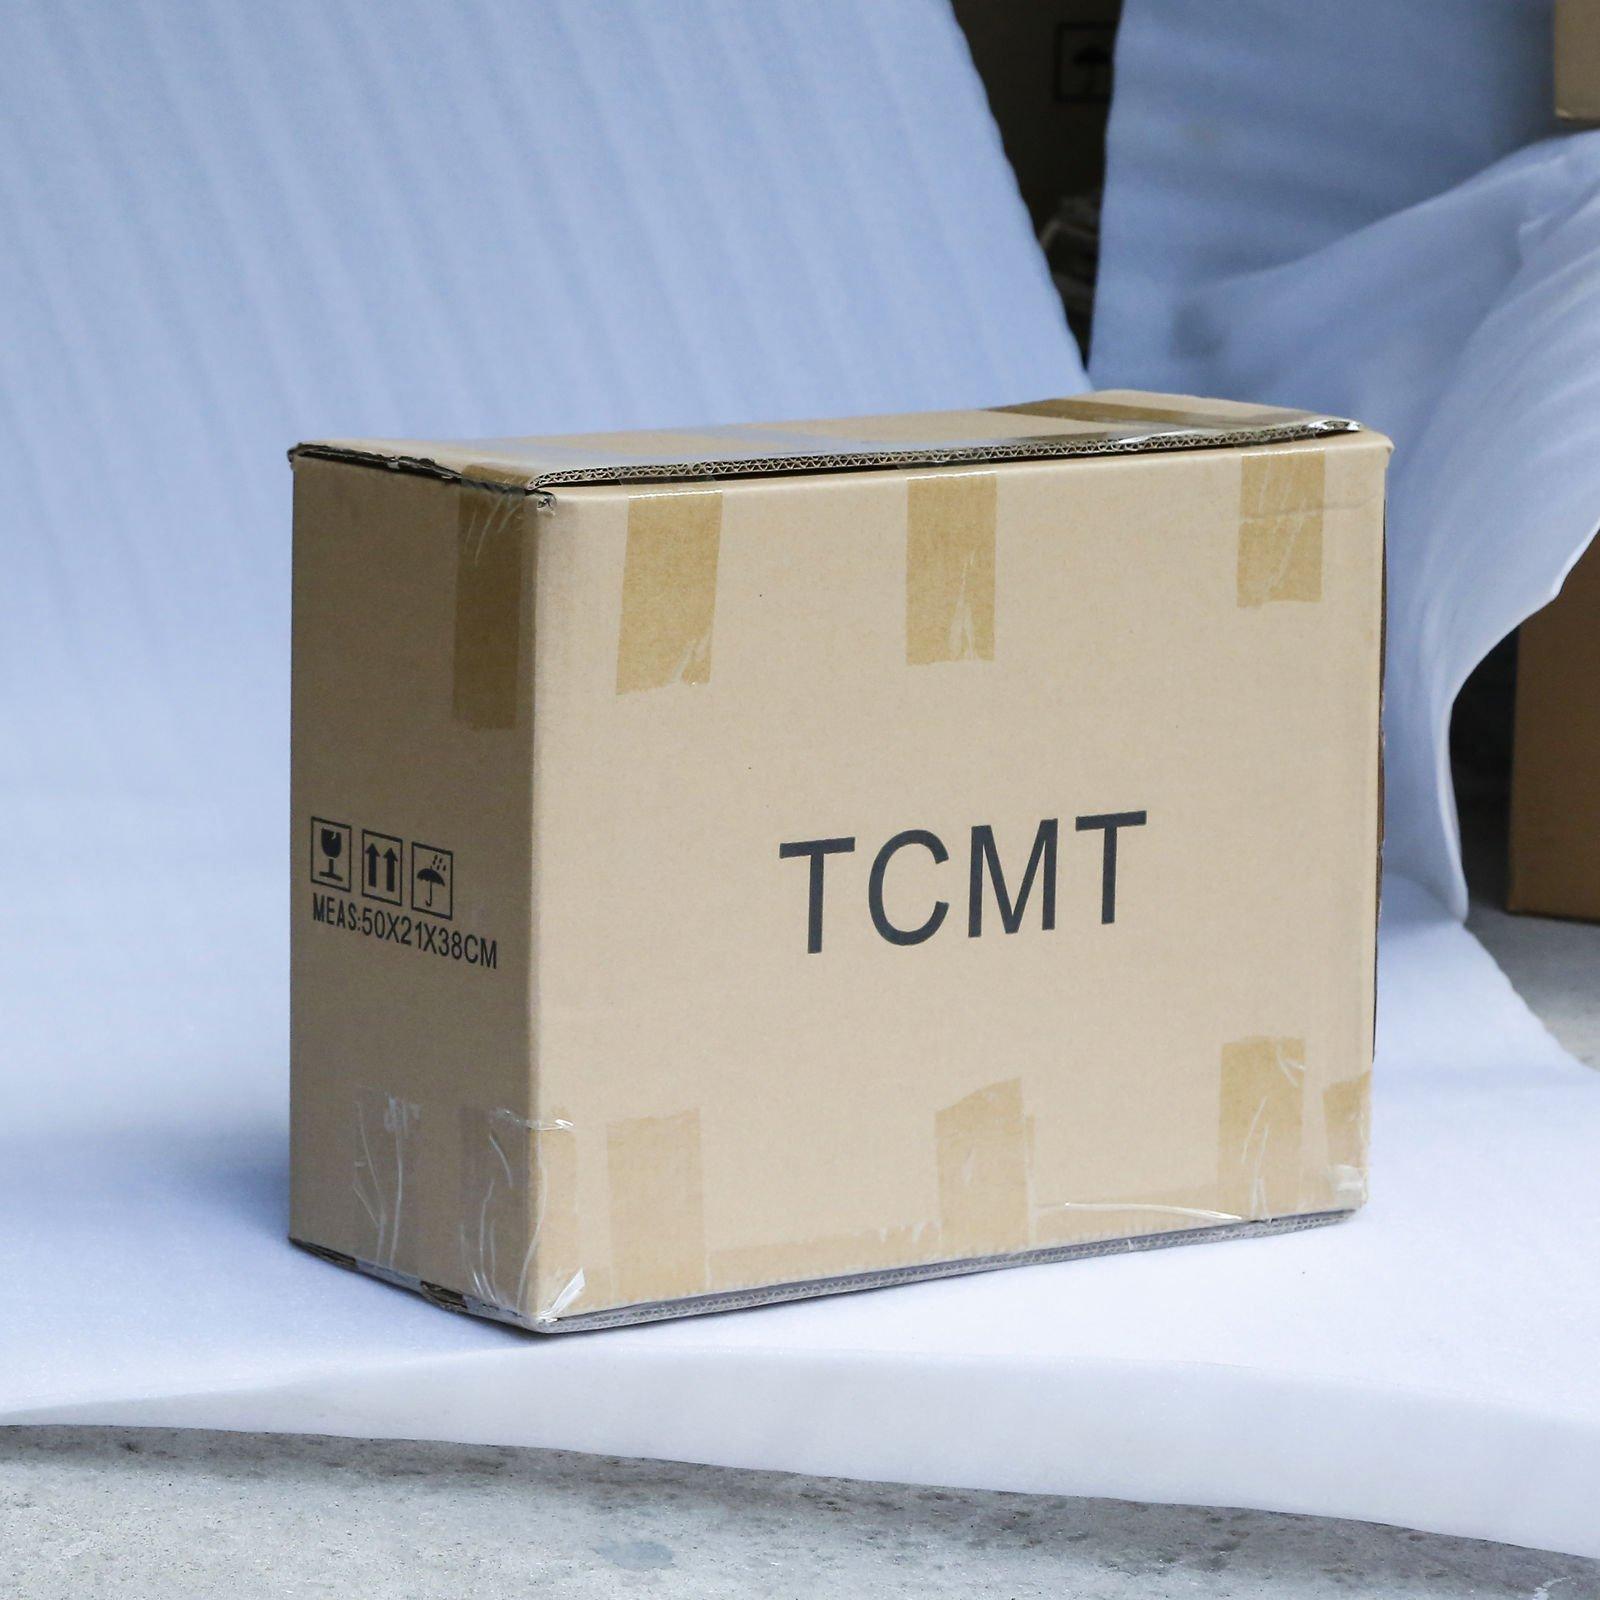 TCMT Detachable Stealth Backrest Sissybar For Harley Touring FLHR FLHX FLHT FLTR 2009 2010 2011 2012 2013 2014 2015 2016 2017 2018